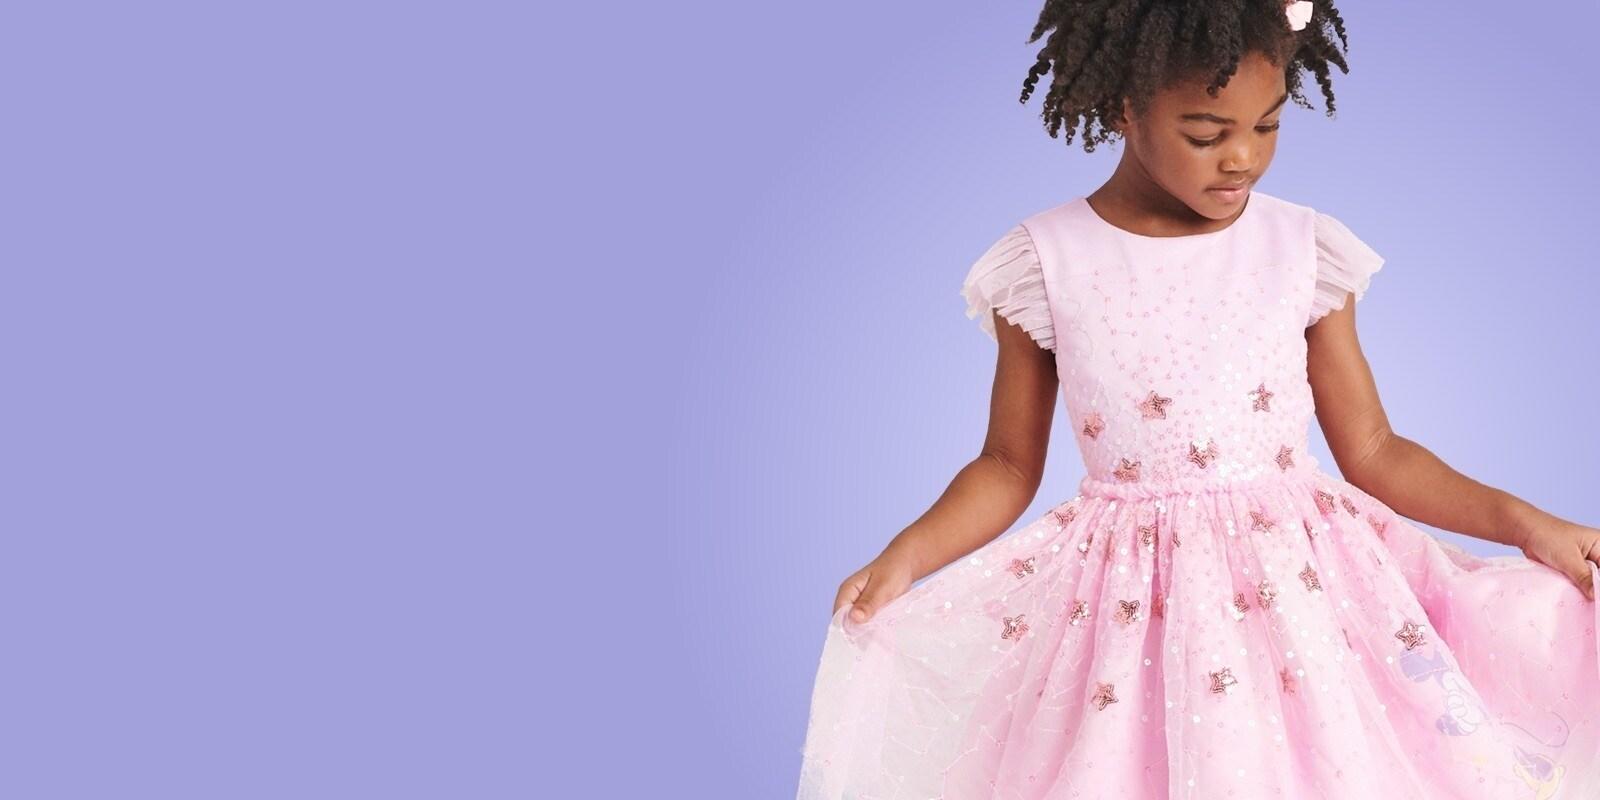 Fille vêtue d'une robe rose